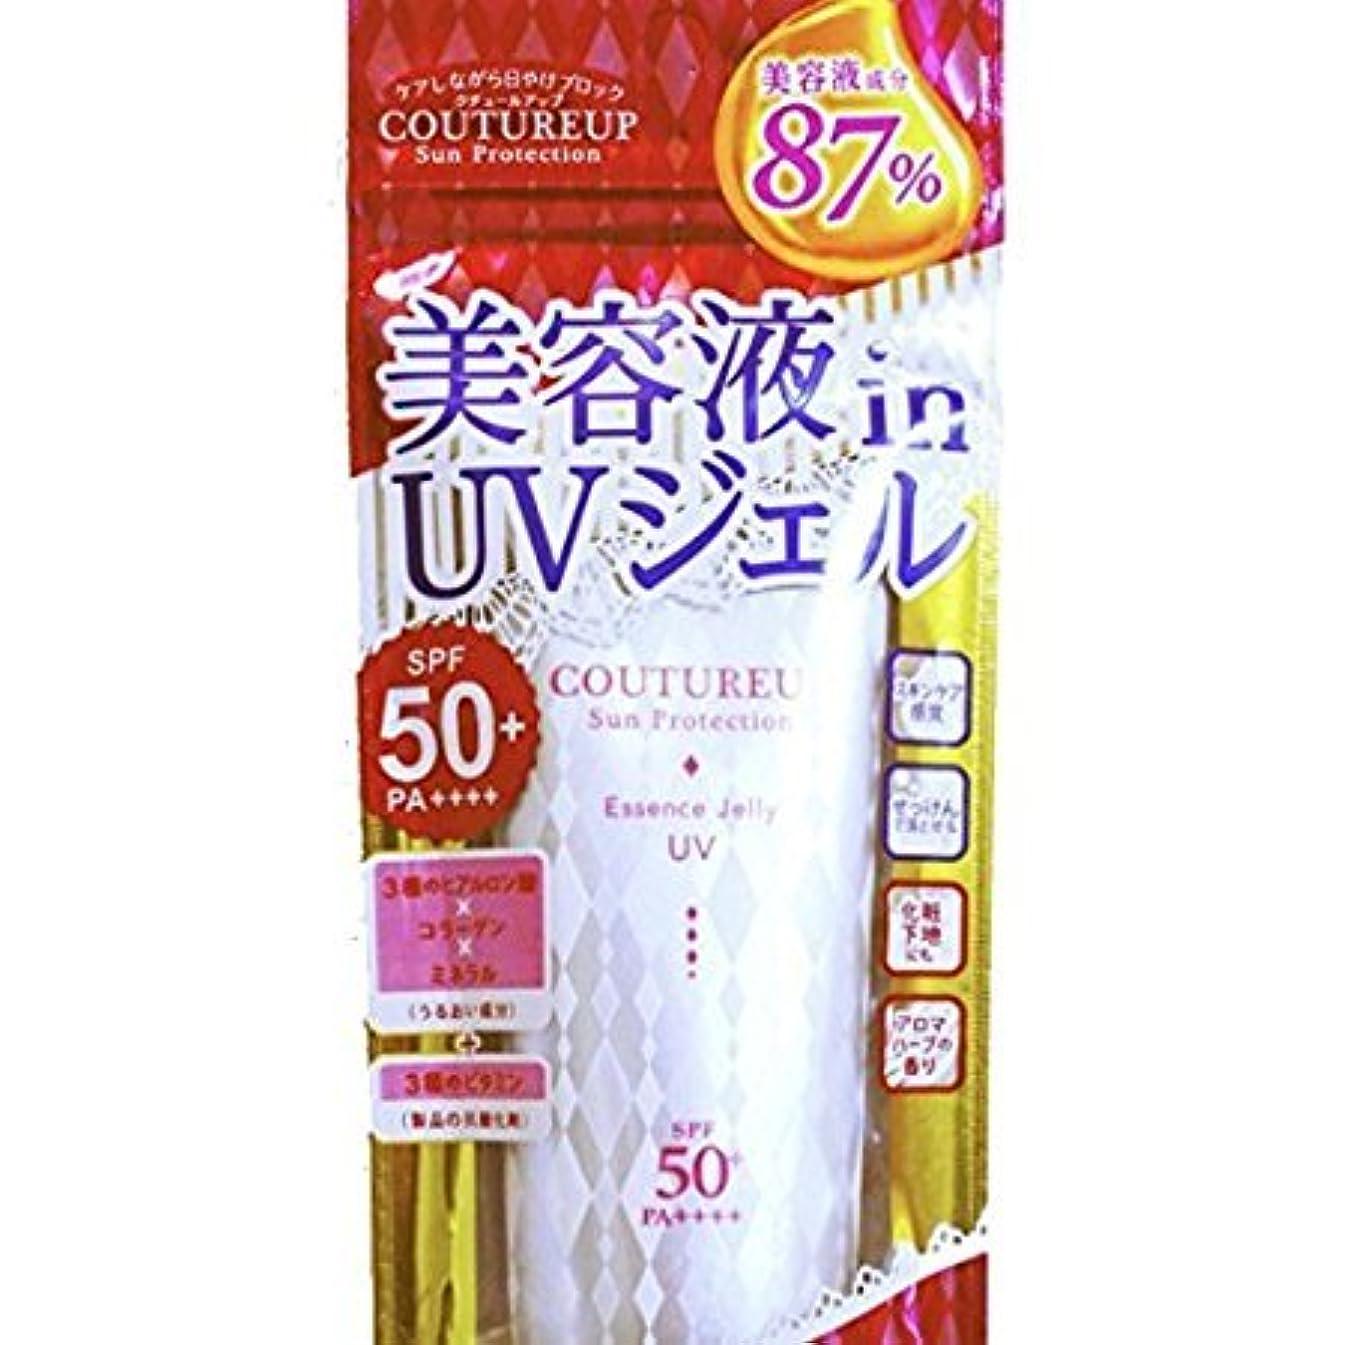 ひまわり剪断手書き美容液 in UVジェル SPF50+/PA++++ 65g 美容液成分87% 日焼け止め&化粧下地